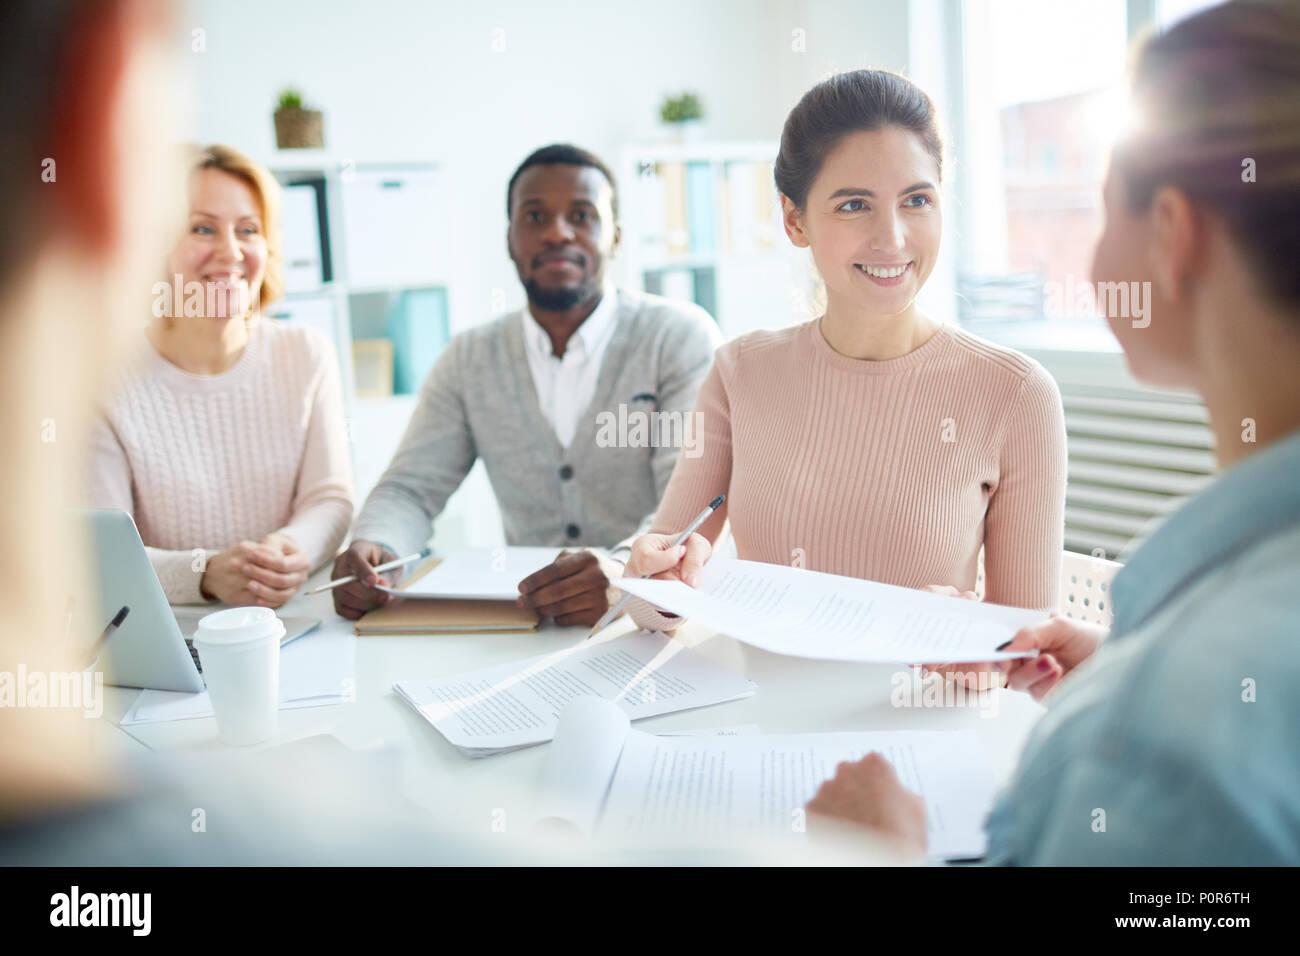 Freudige multi-ethnischen Team der weißen Arbeiter in produktive Projekt Diskussion beim zusammen an modernen Großraumbüro versammelt, lens flare Stockbild